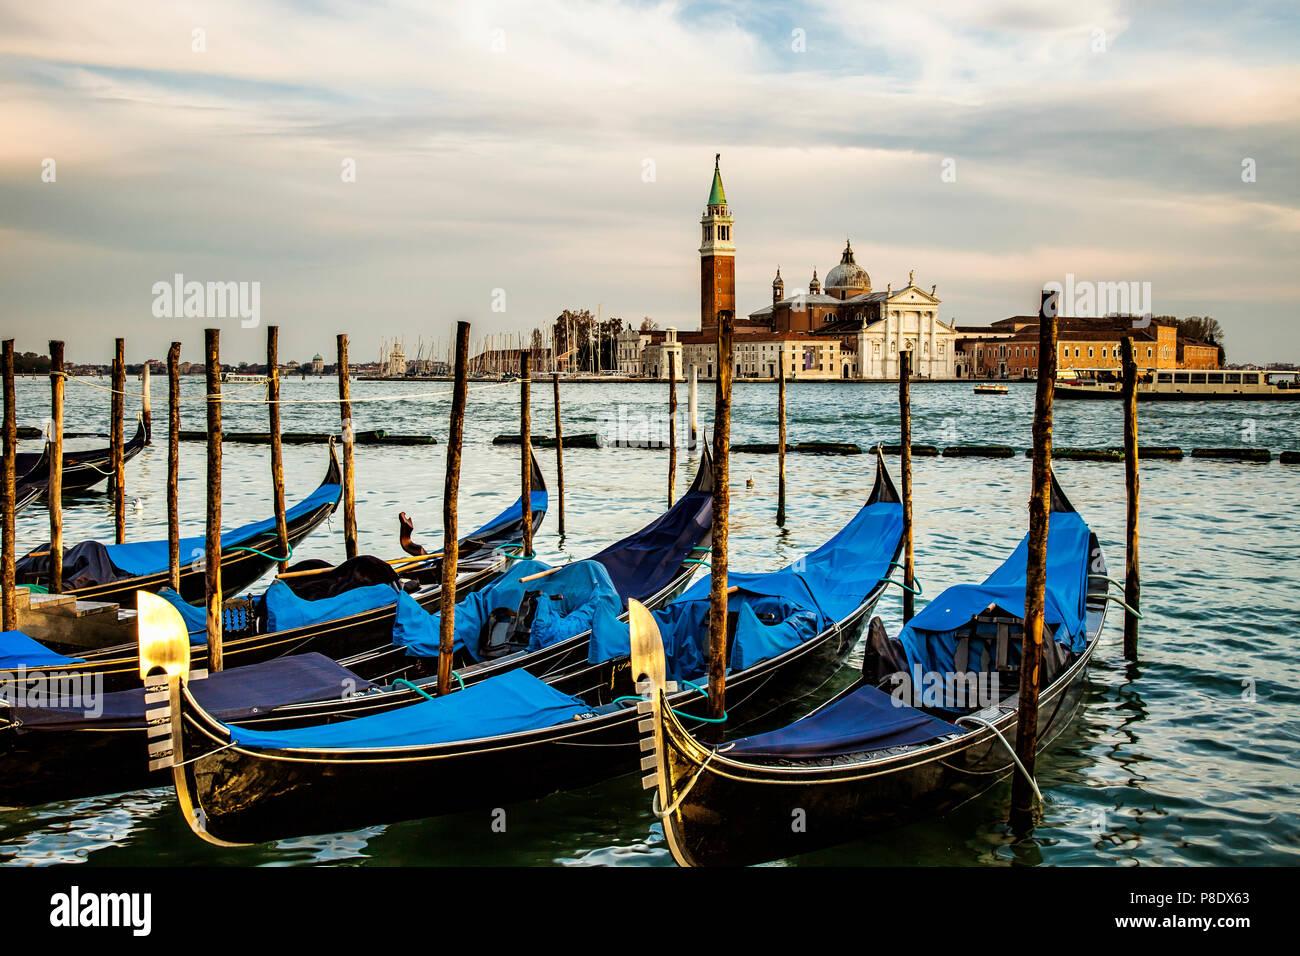 Gondeln in Venedig, Italien, am Morgen. Im Hintergrund ist die Insel San Giorgio Maggiore. Stockfoto